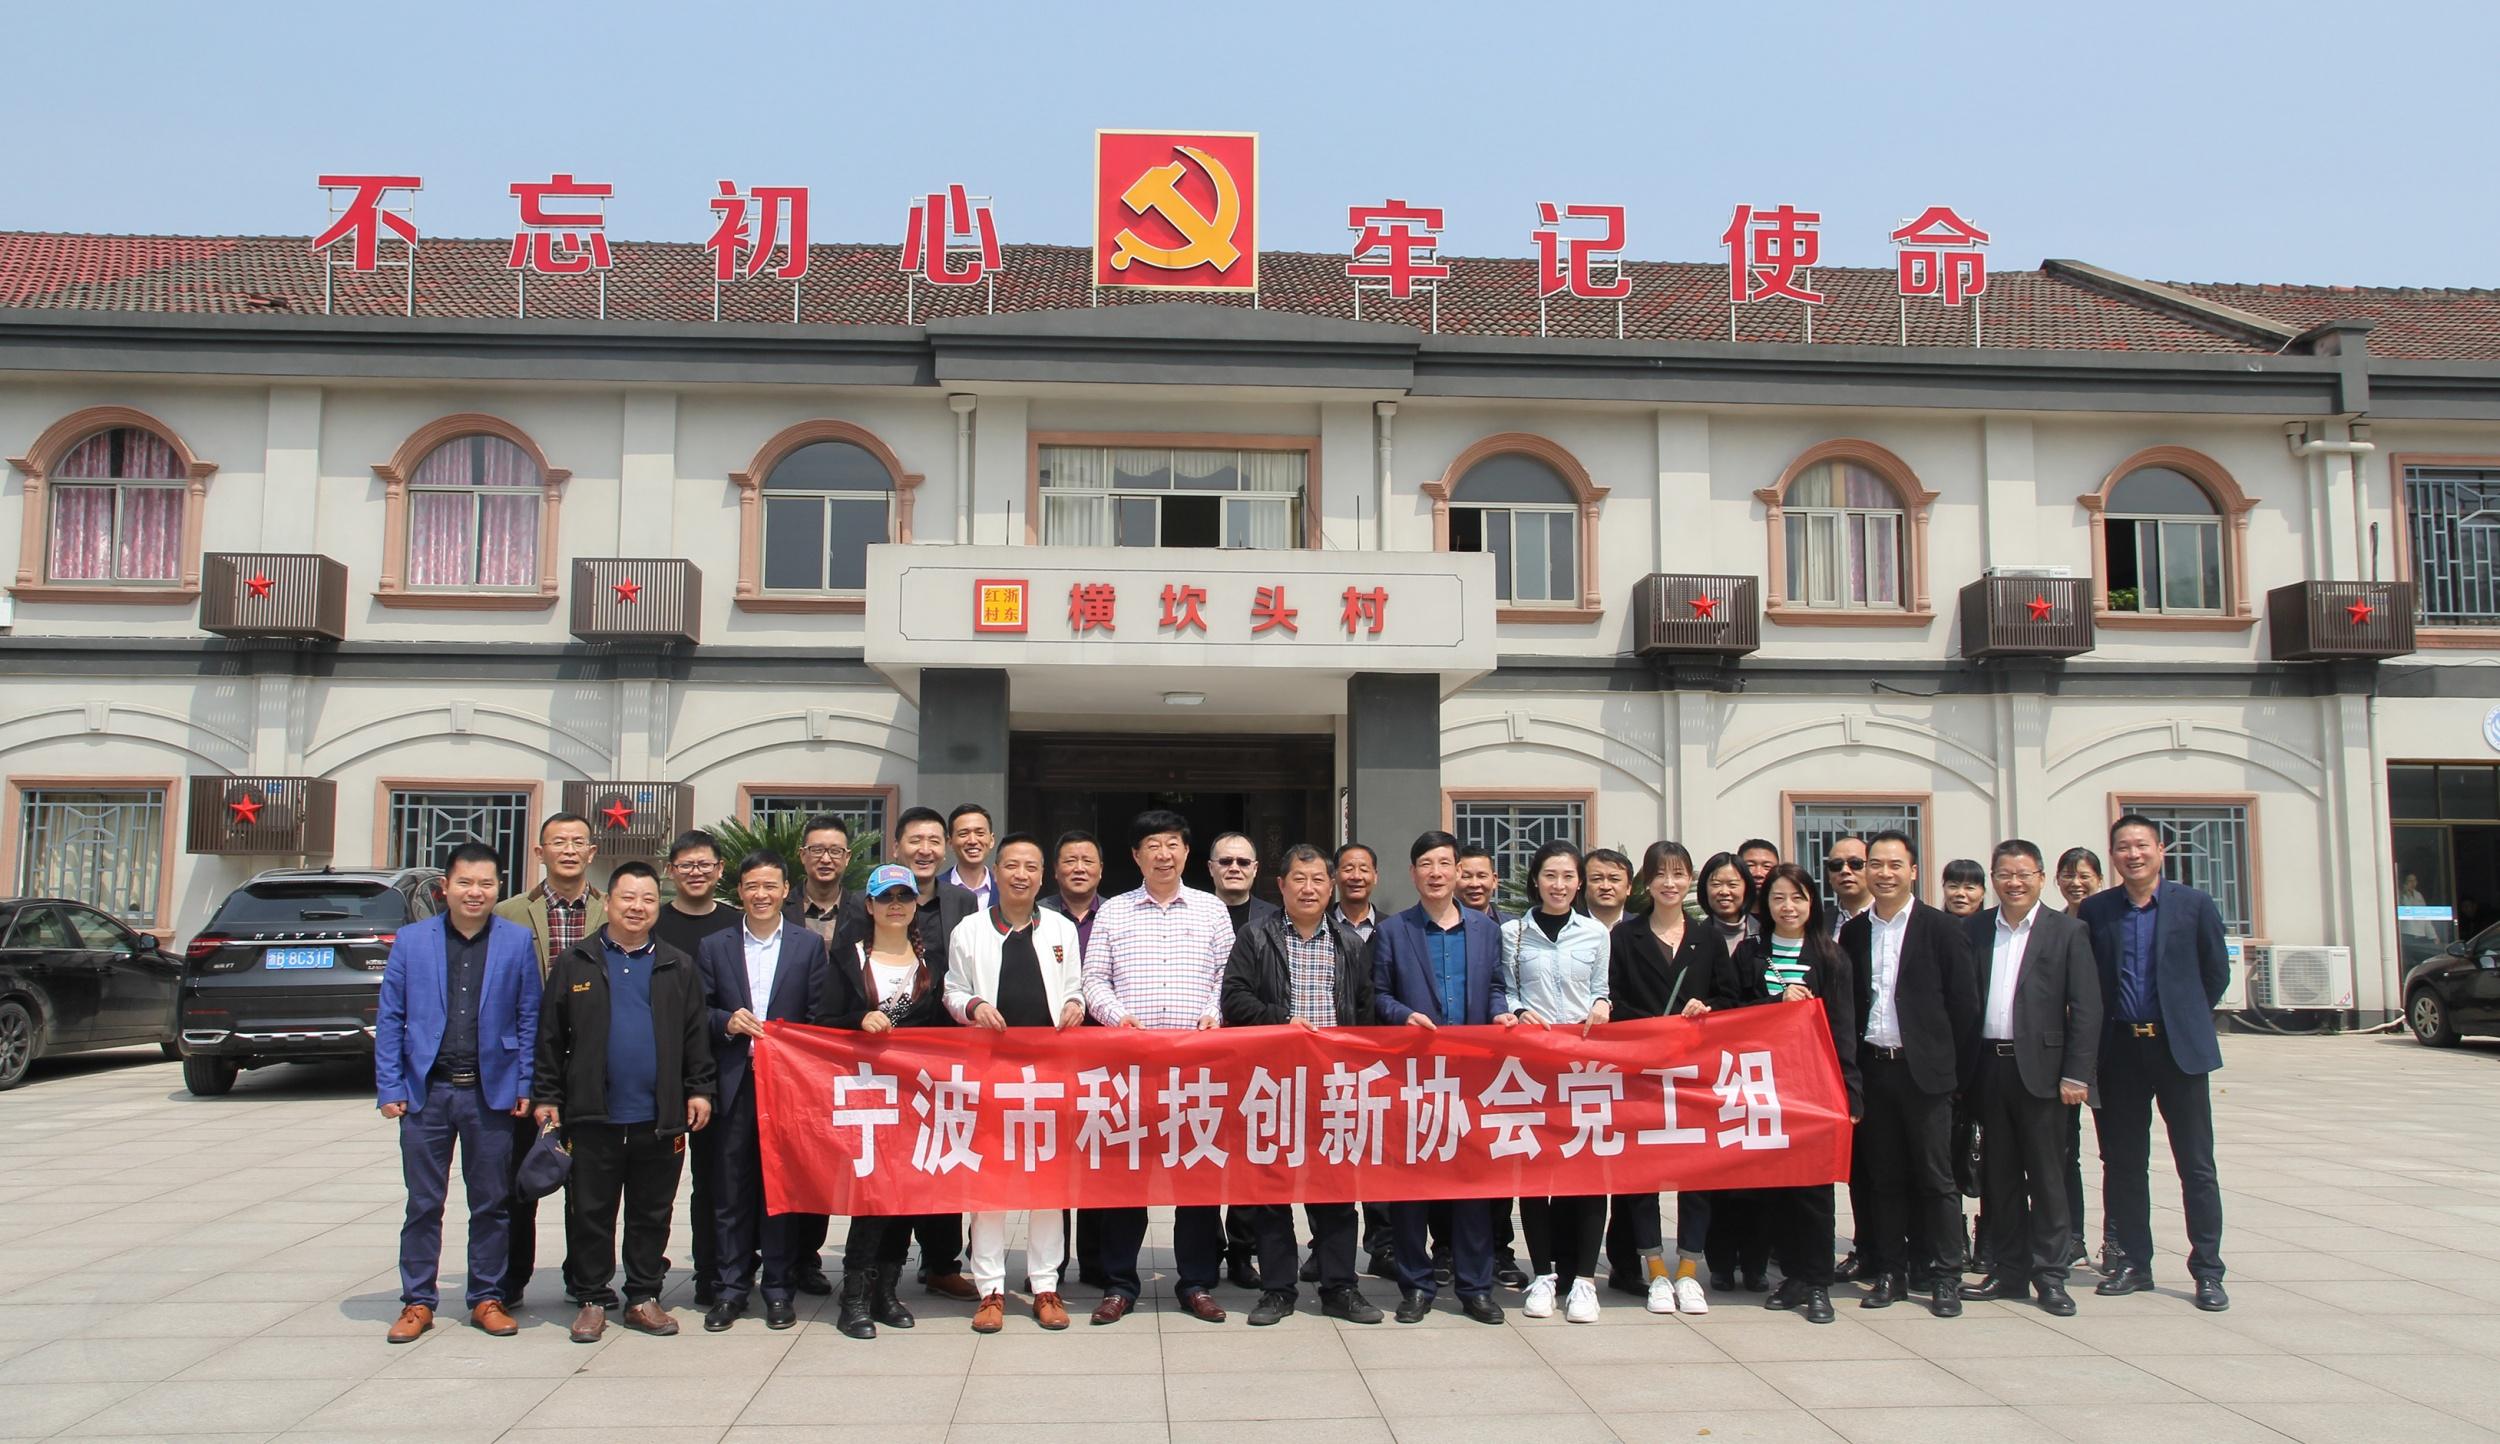 协会党工组组织会员走进红色梁弄,传承红色基因